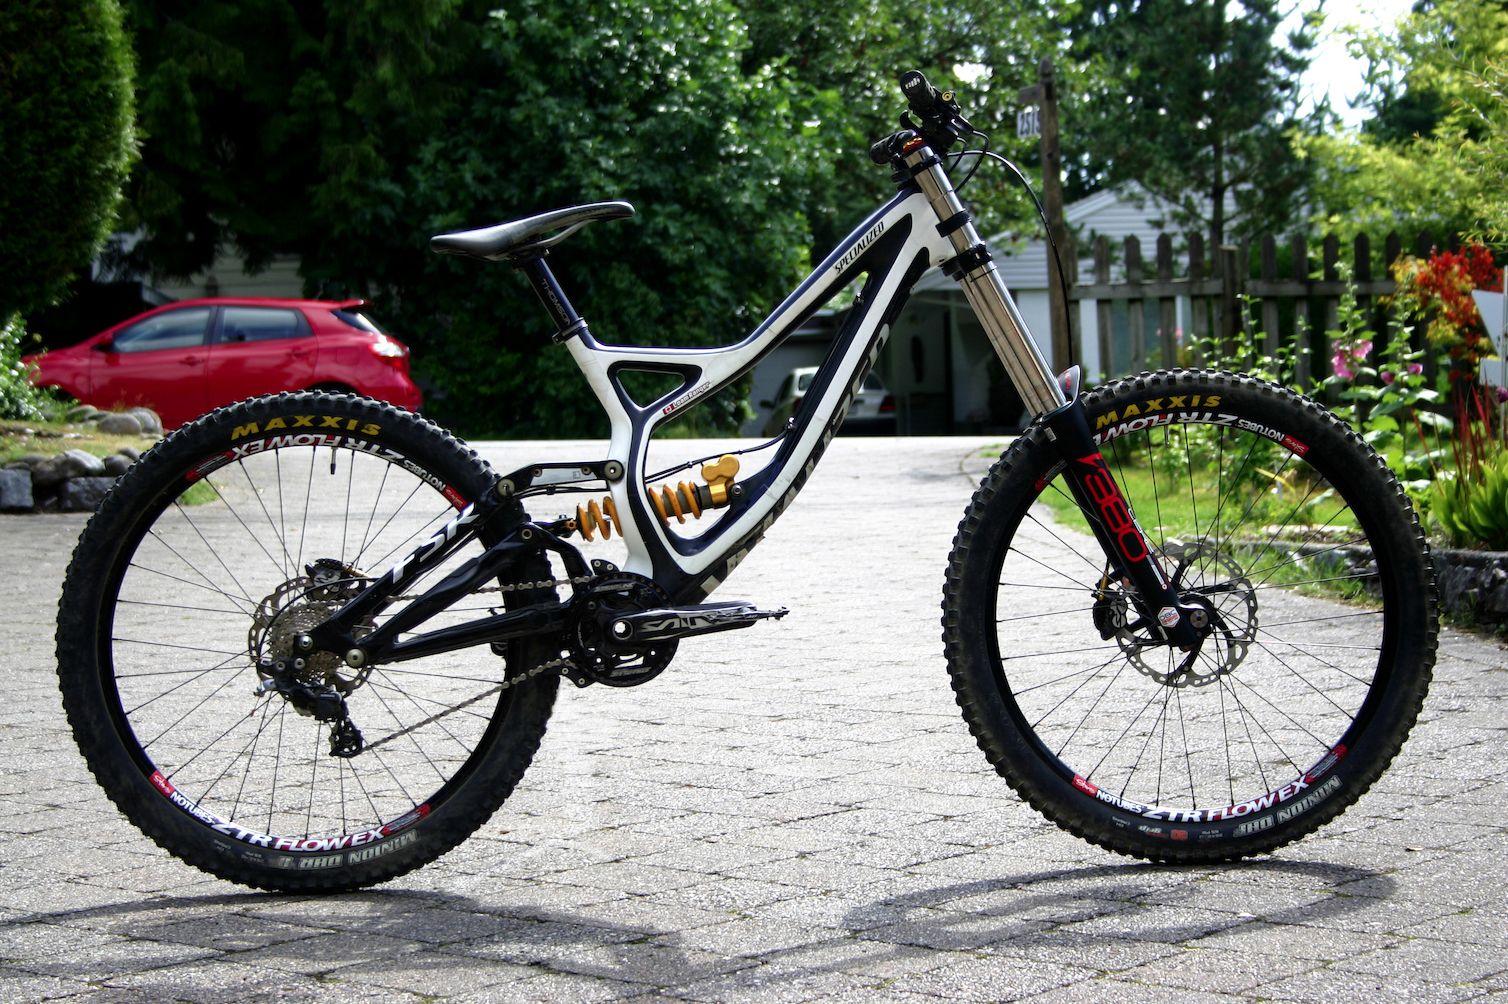 Specialized Demo 8 Downhill Bike Bike Mountain Biking